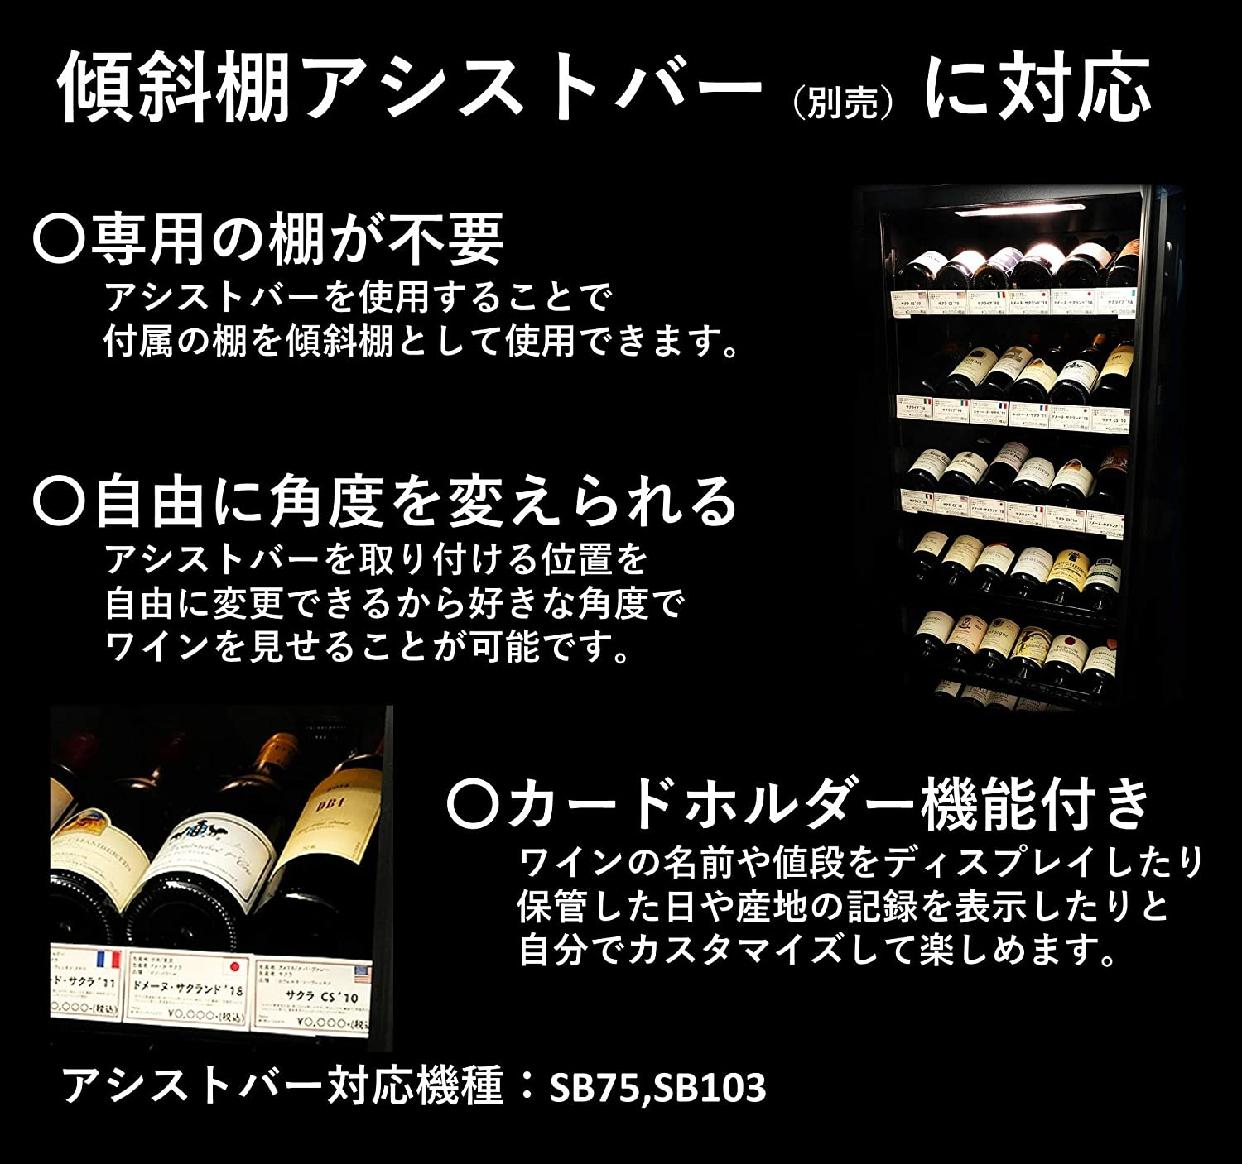 さくら製作所(SAKURA WORKS) ZERO CLASS Premium SB103の商品画像8